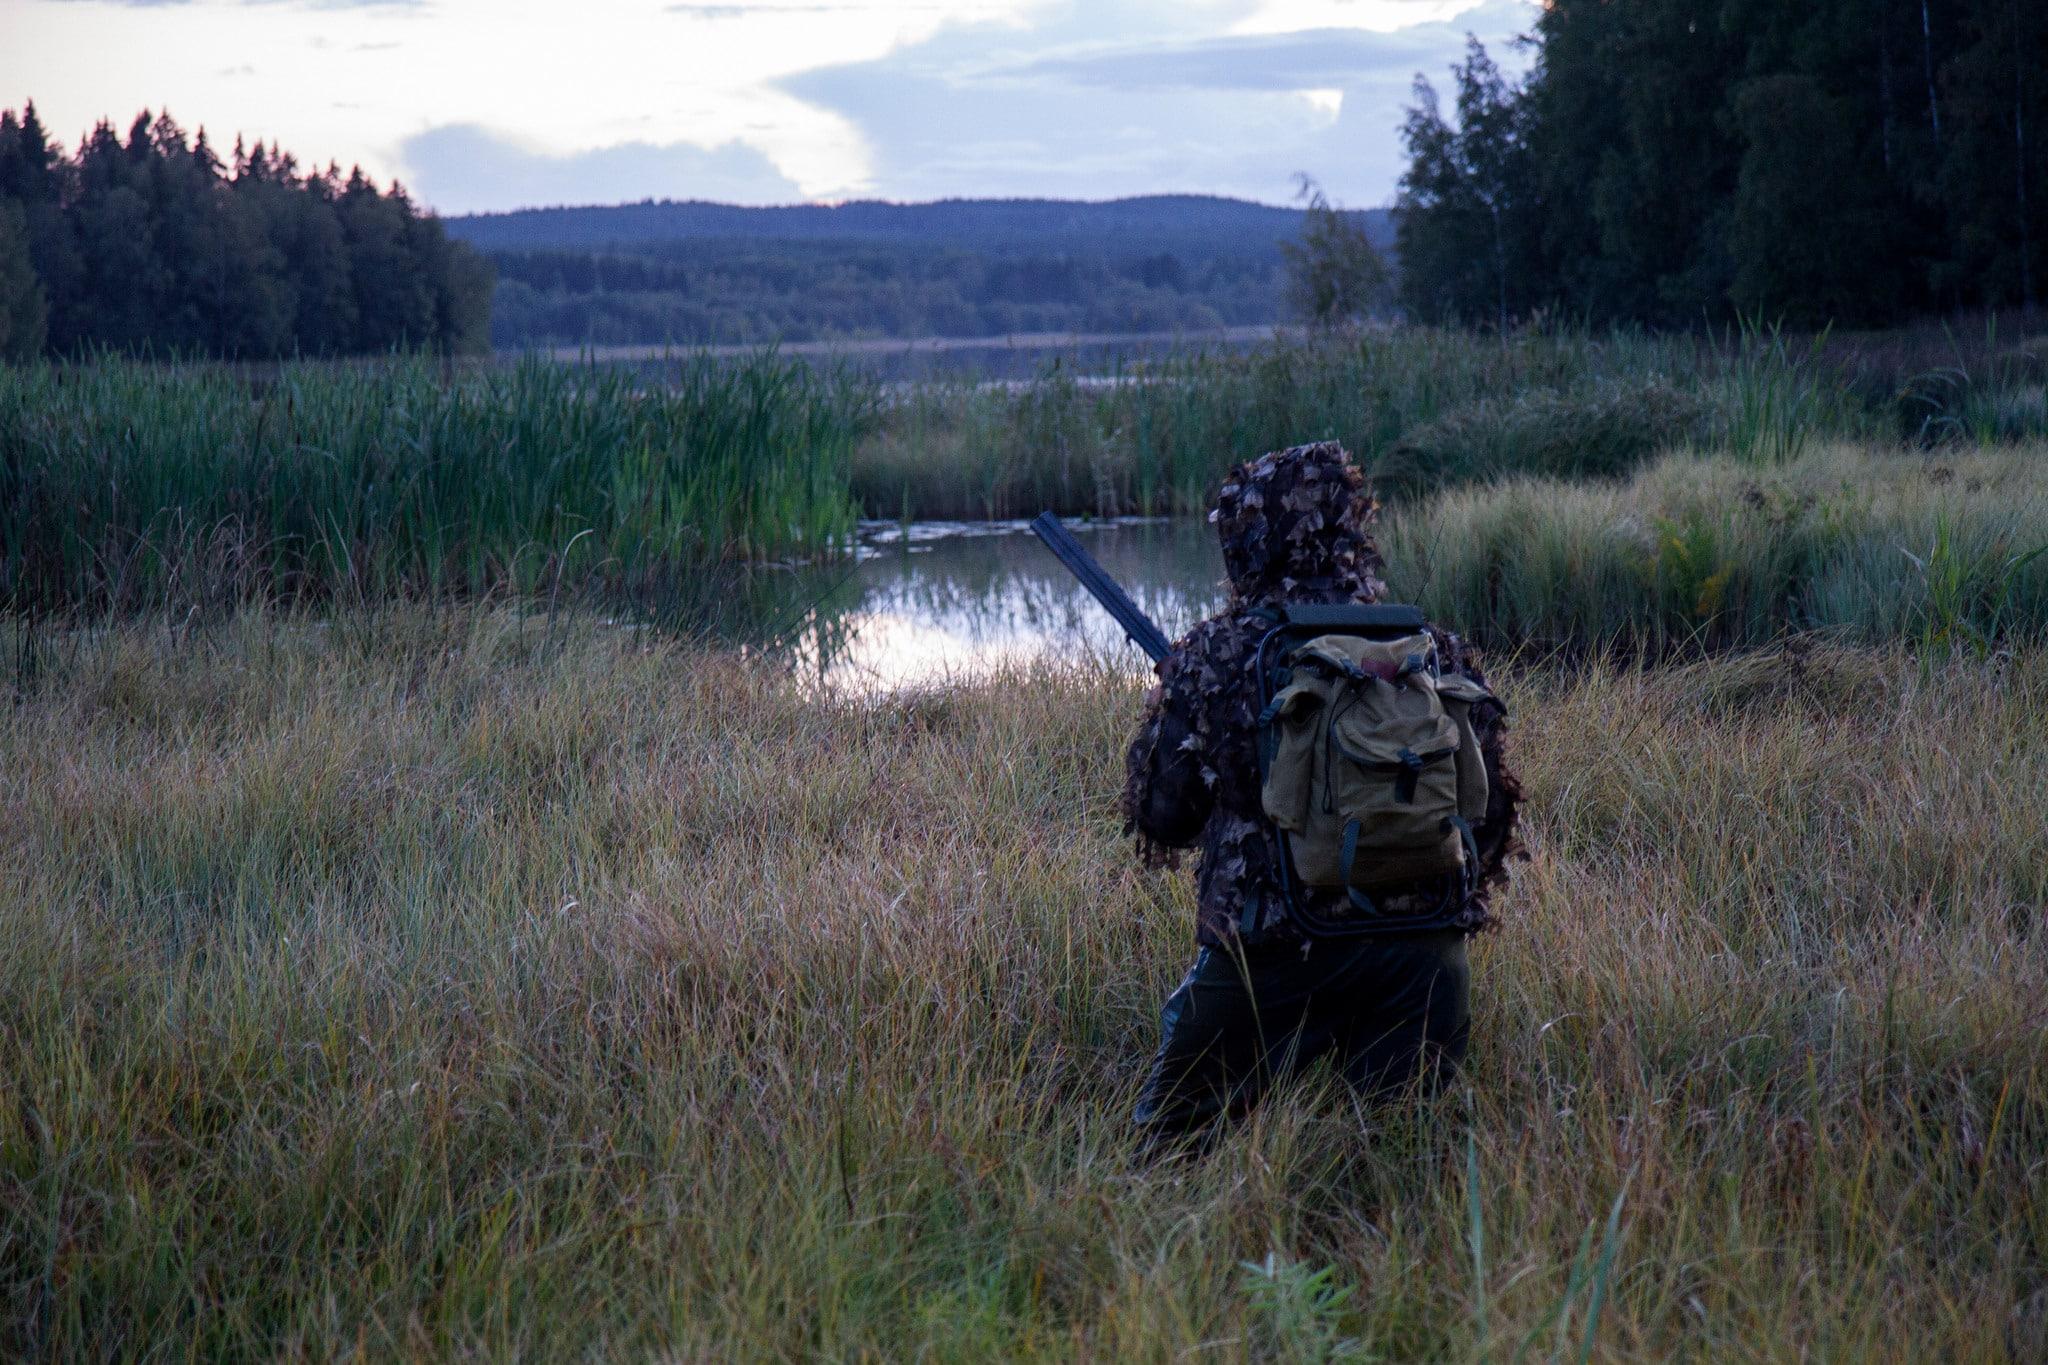 Att det här är en våtmark där blyhagel inte ska användas protesterar nog ingen emot.